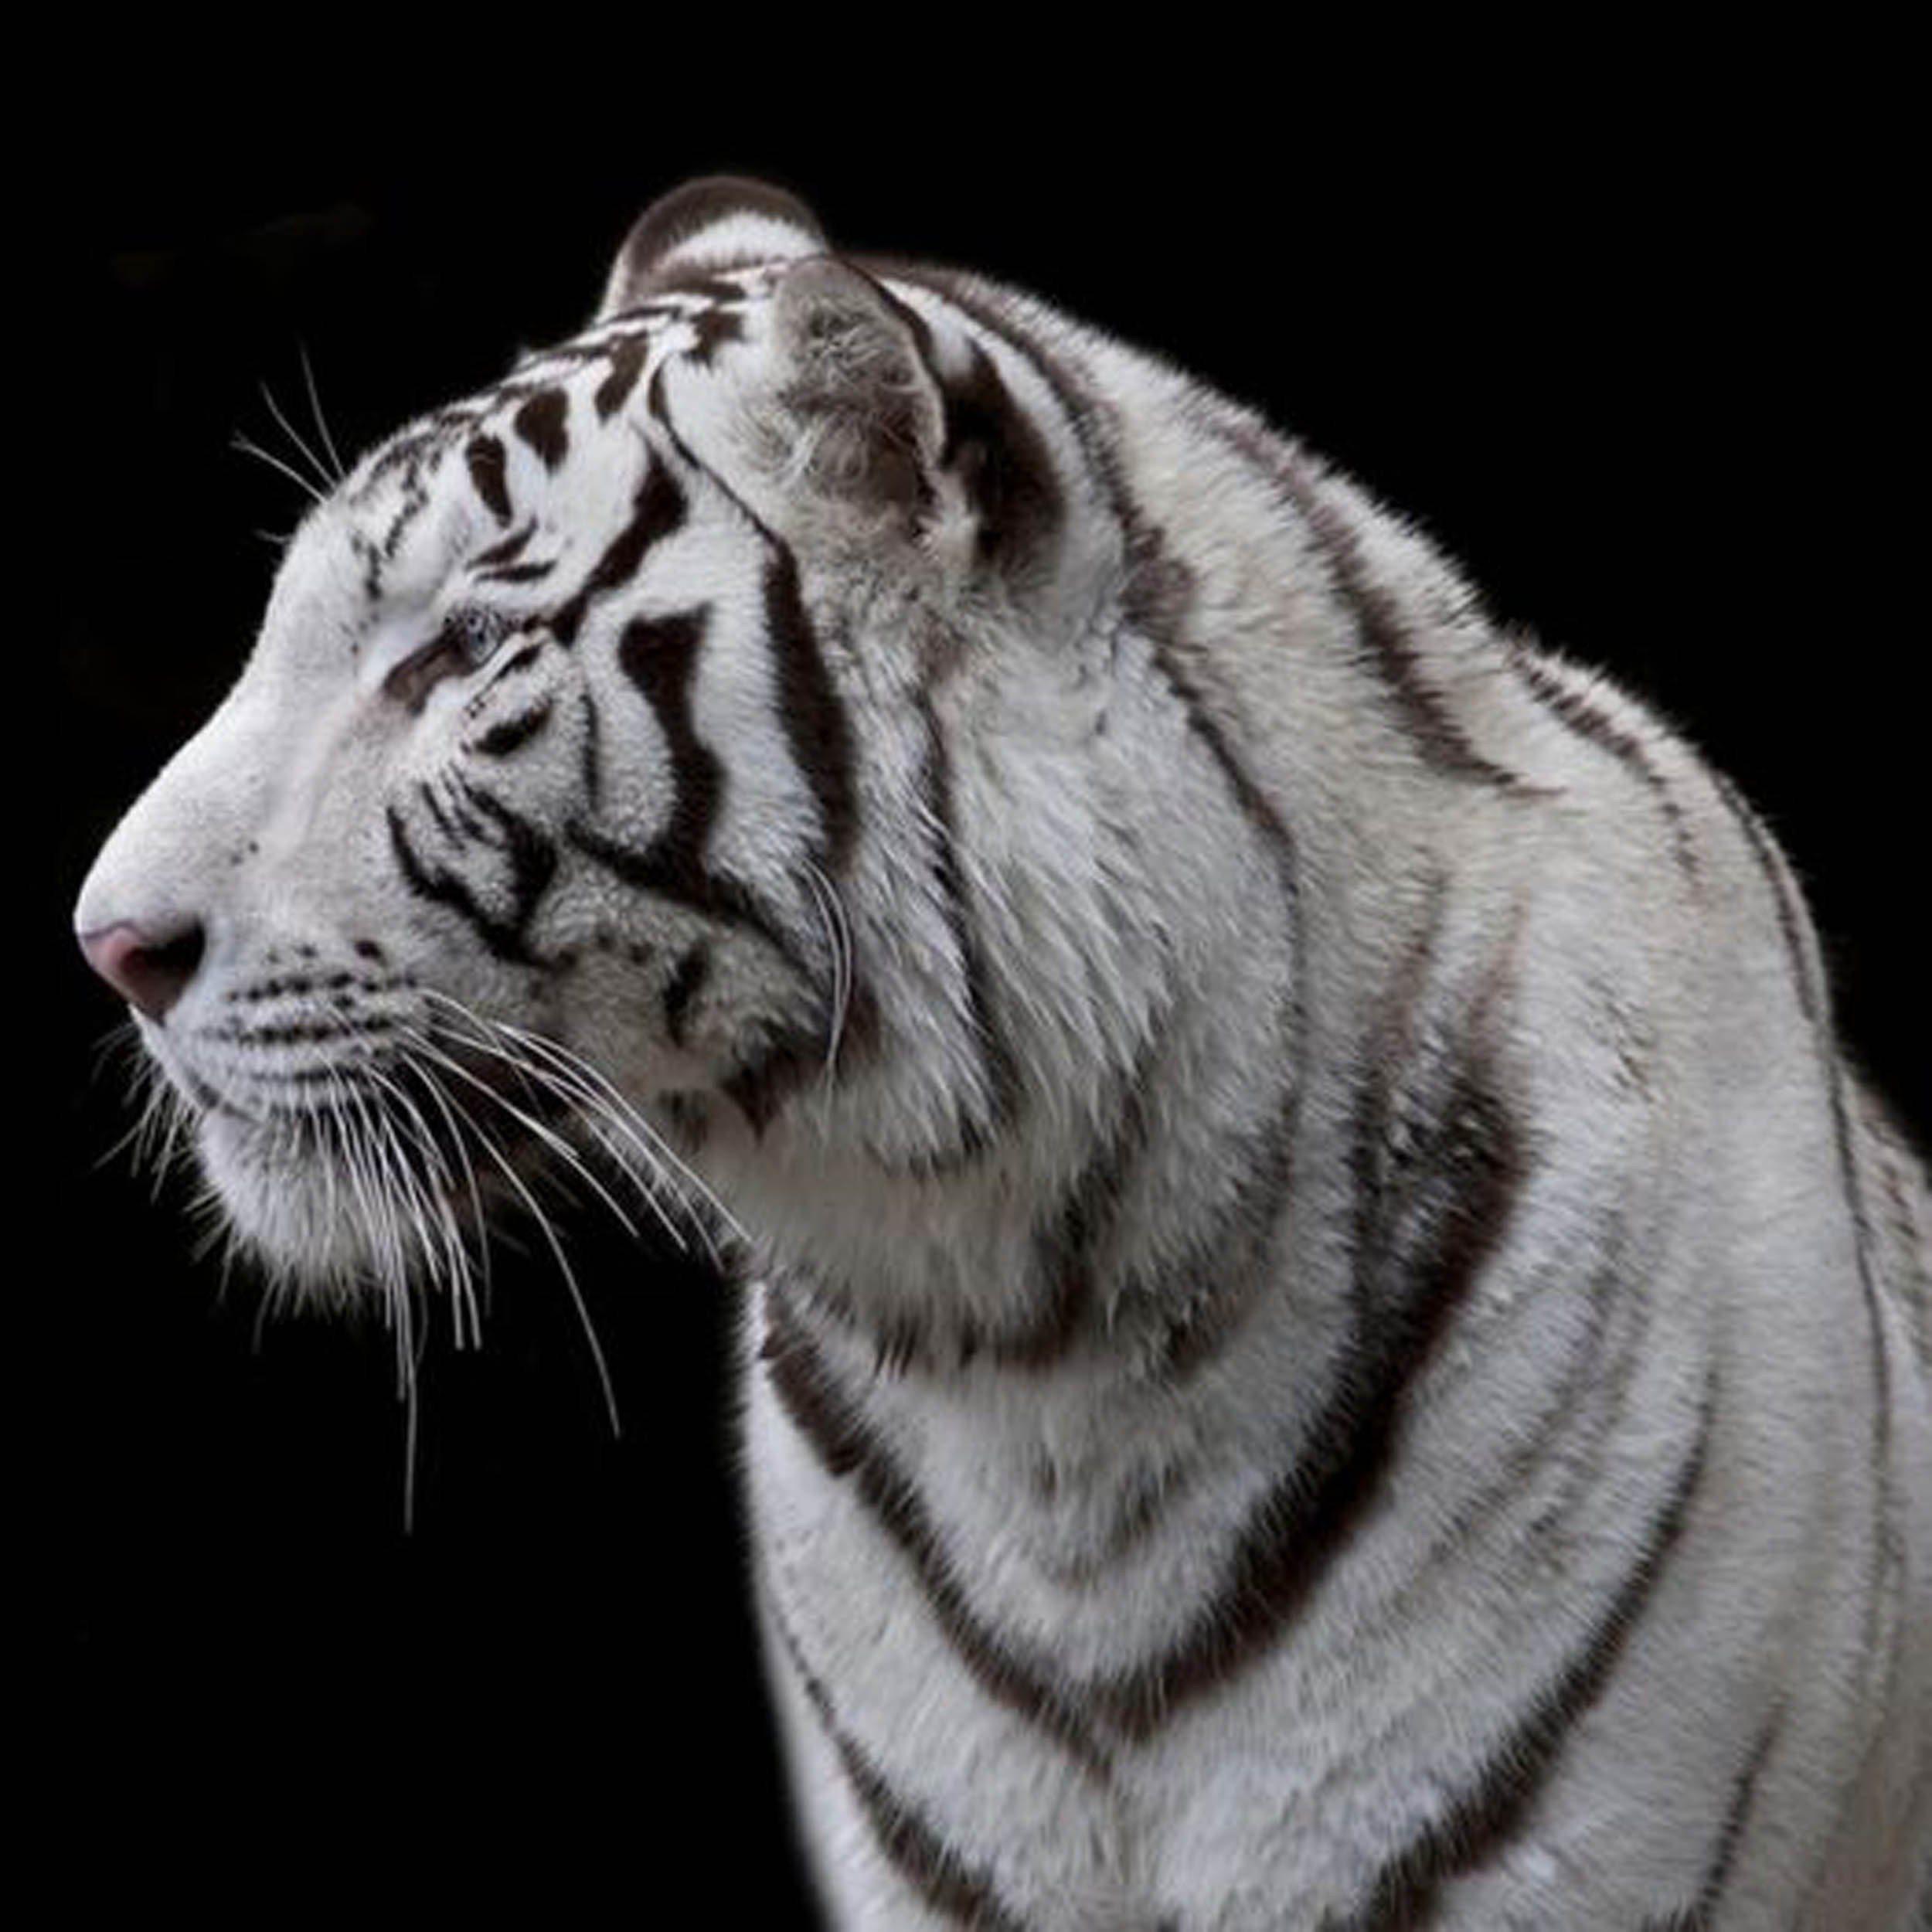 Tiger Schwarz Weiß Wallpaper | Photo Wallpaper Tiger Black ...